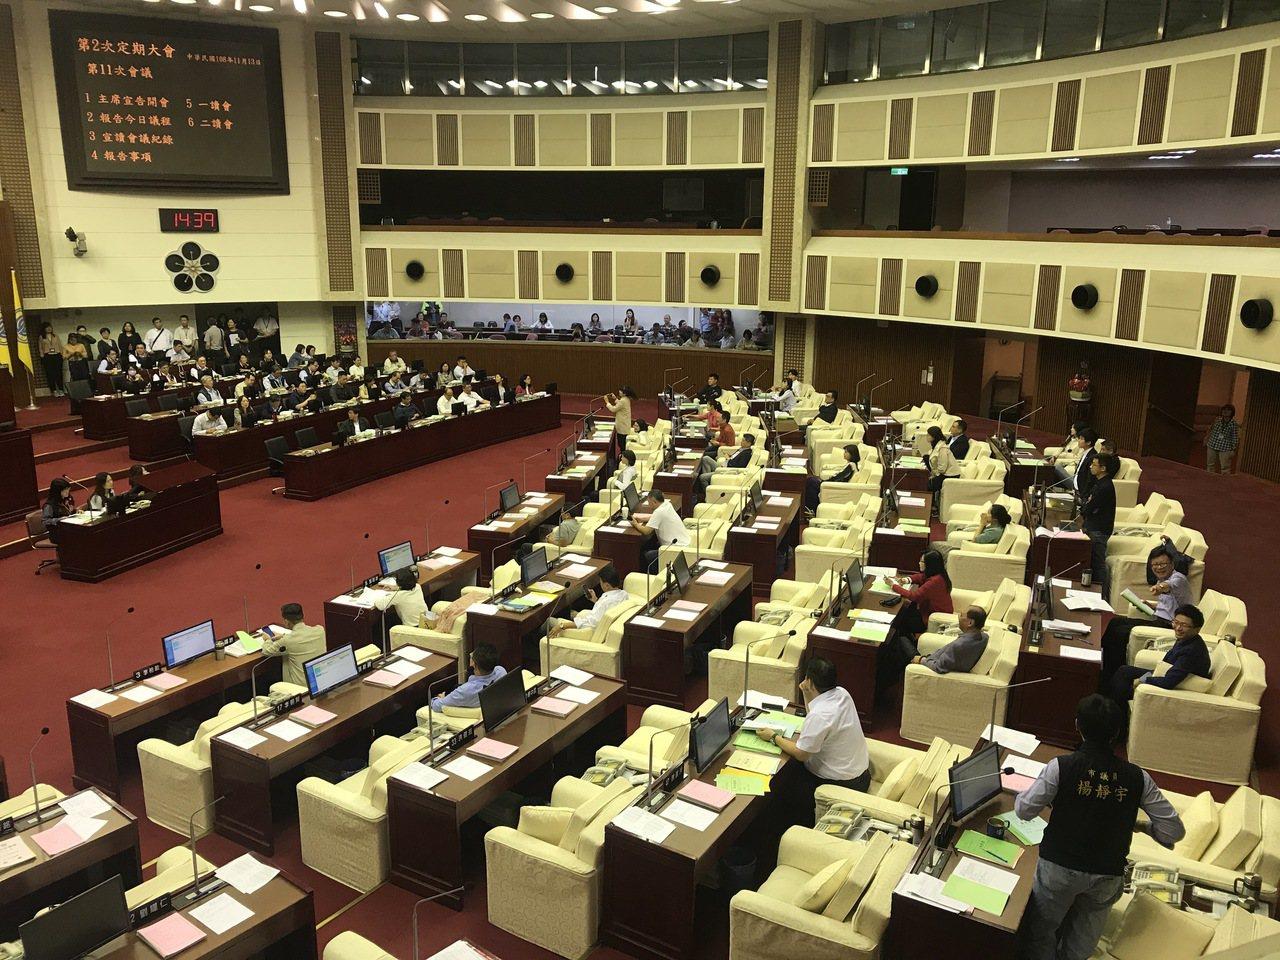 台北市議會下午進行明年度總預算交付審查議程,但國民黨市議員王浩發現,體育局長李再...